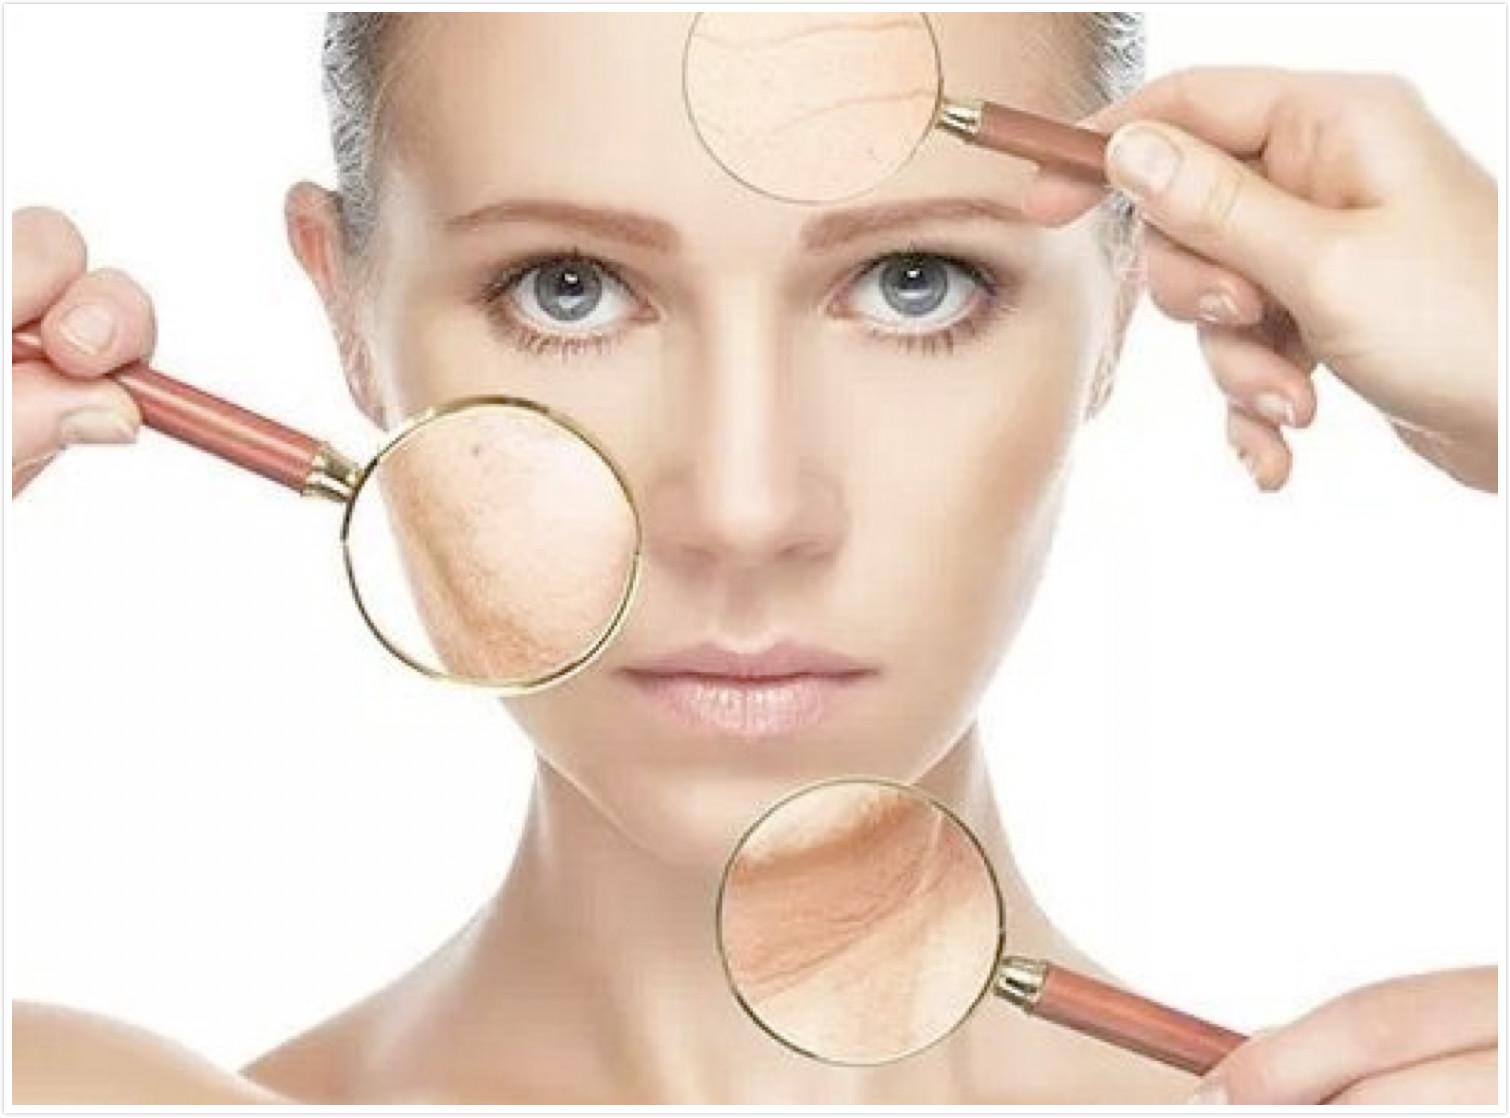 女性脸上白癜风应该怎么面对治疗